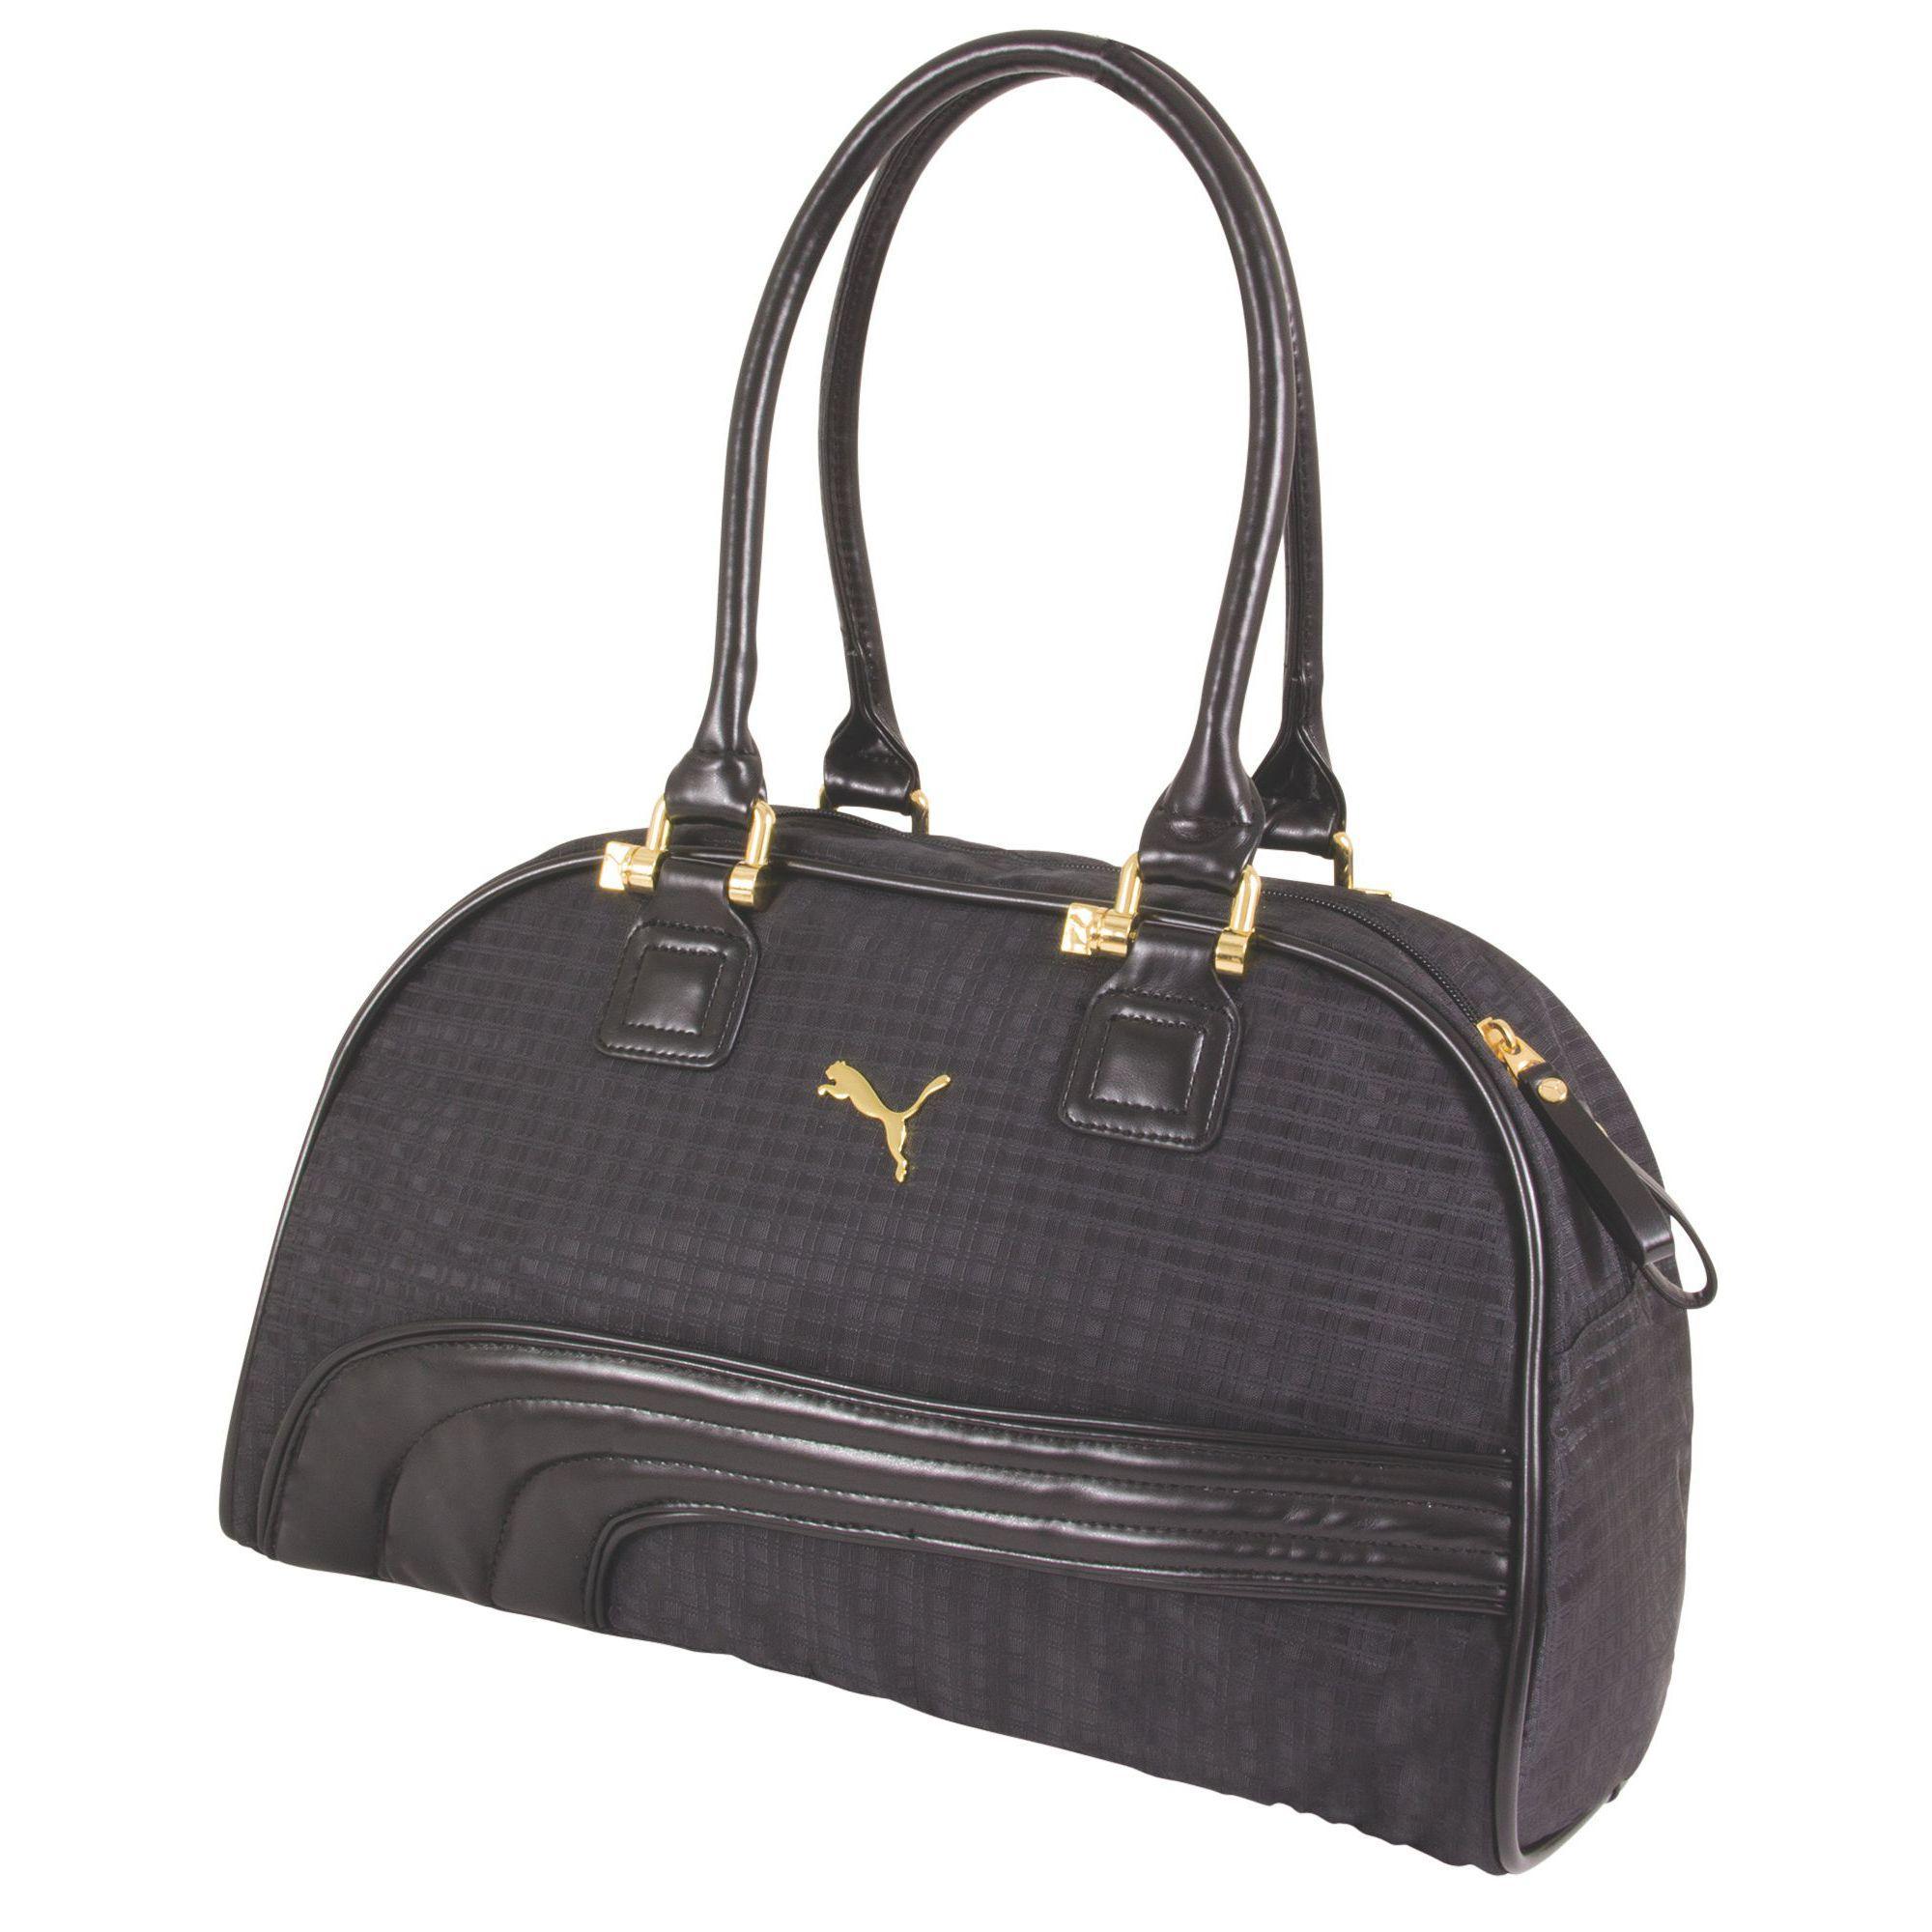 Lyst - PUMA Cartel Handbag in Black 52495d041cb08